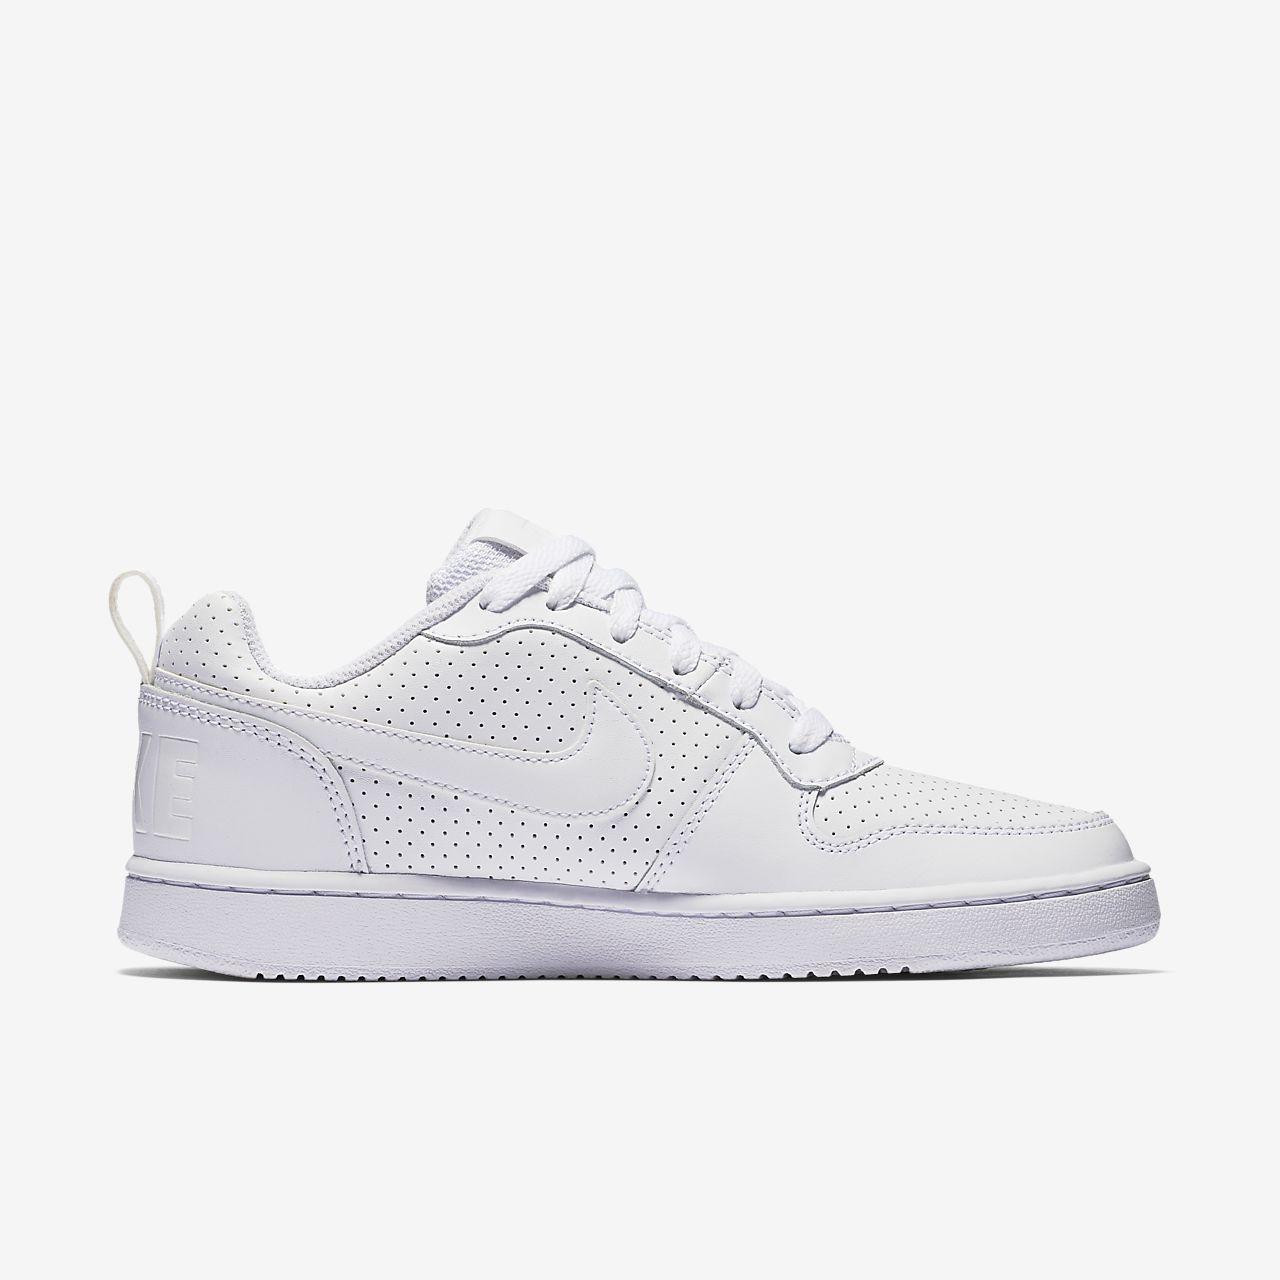 Wmns Chaussures Arrondissement De Nike Bas Sport Cour 844905110 xqnvw8XF8E ed91e937e